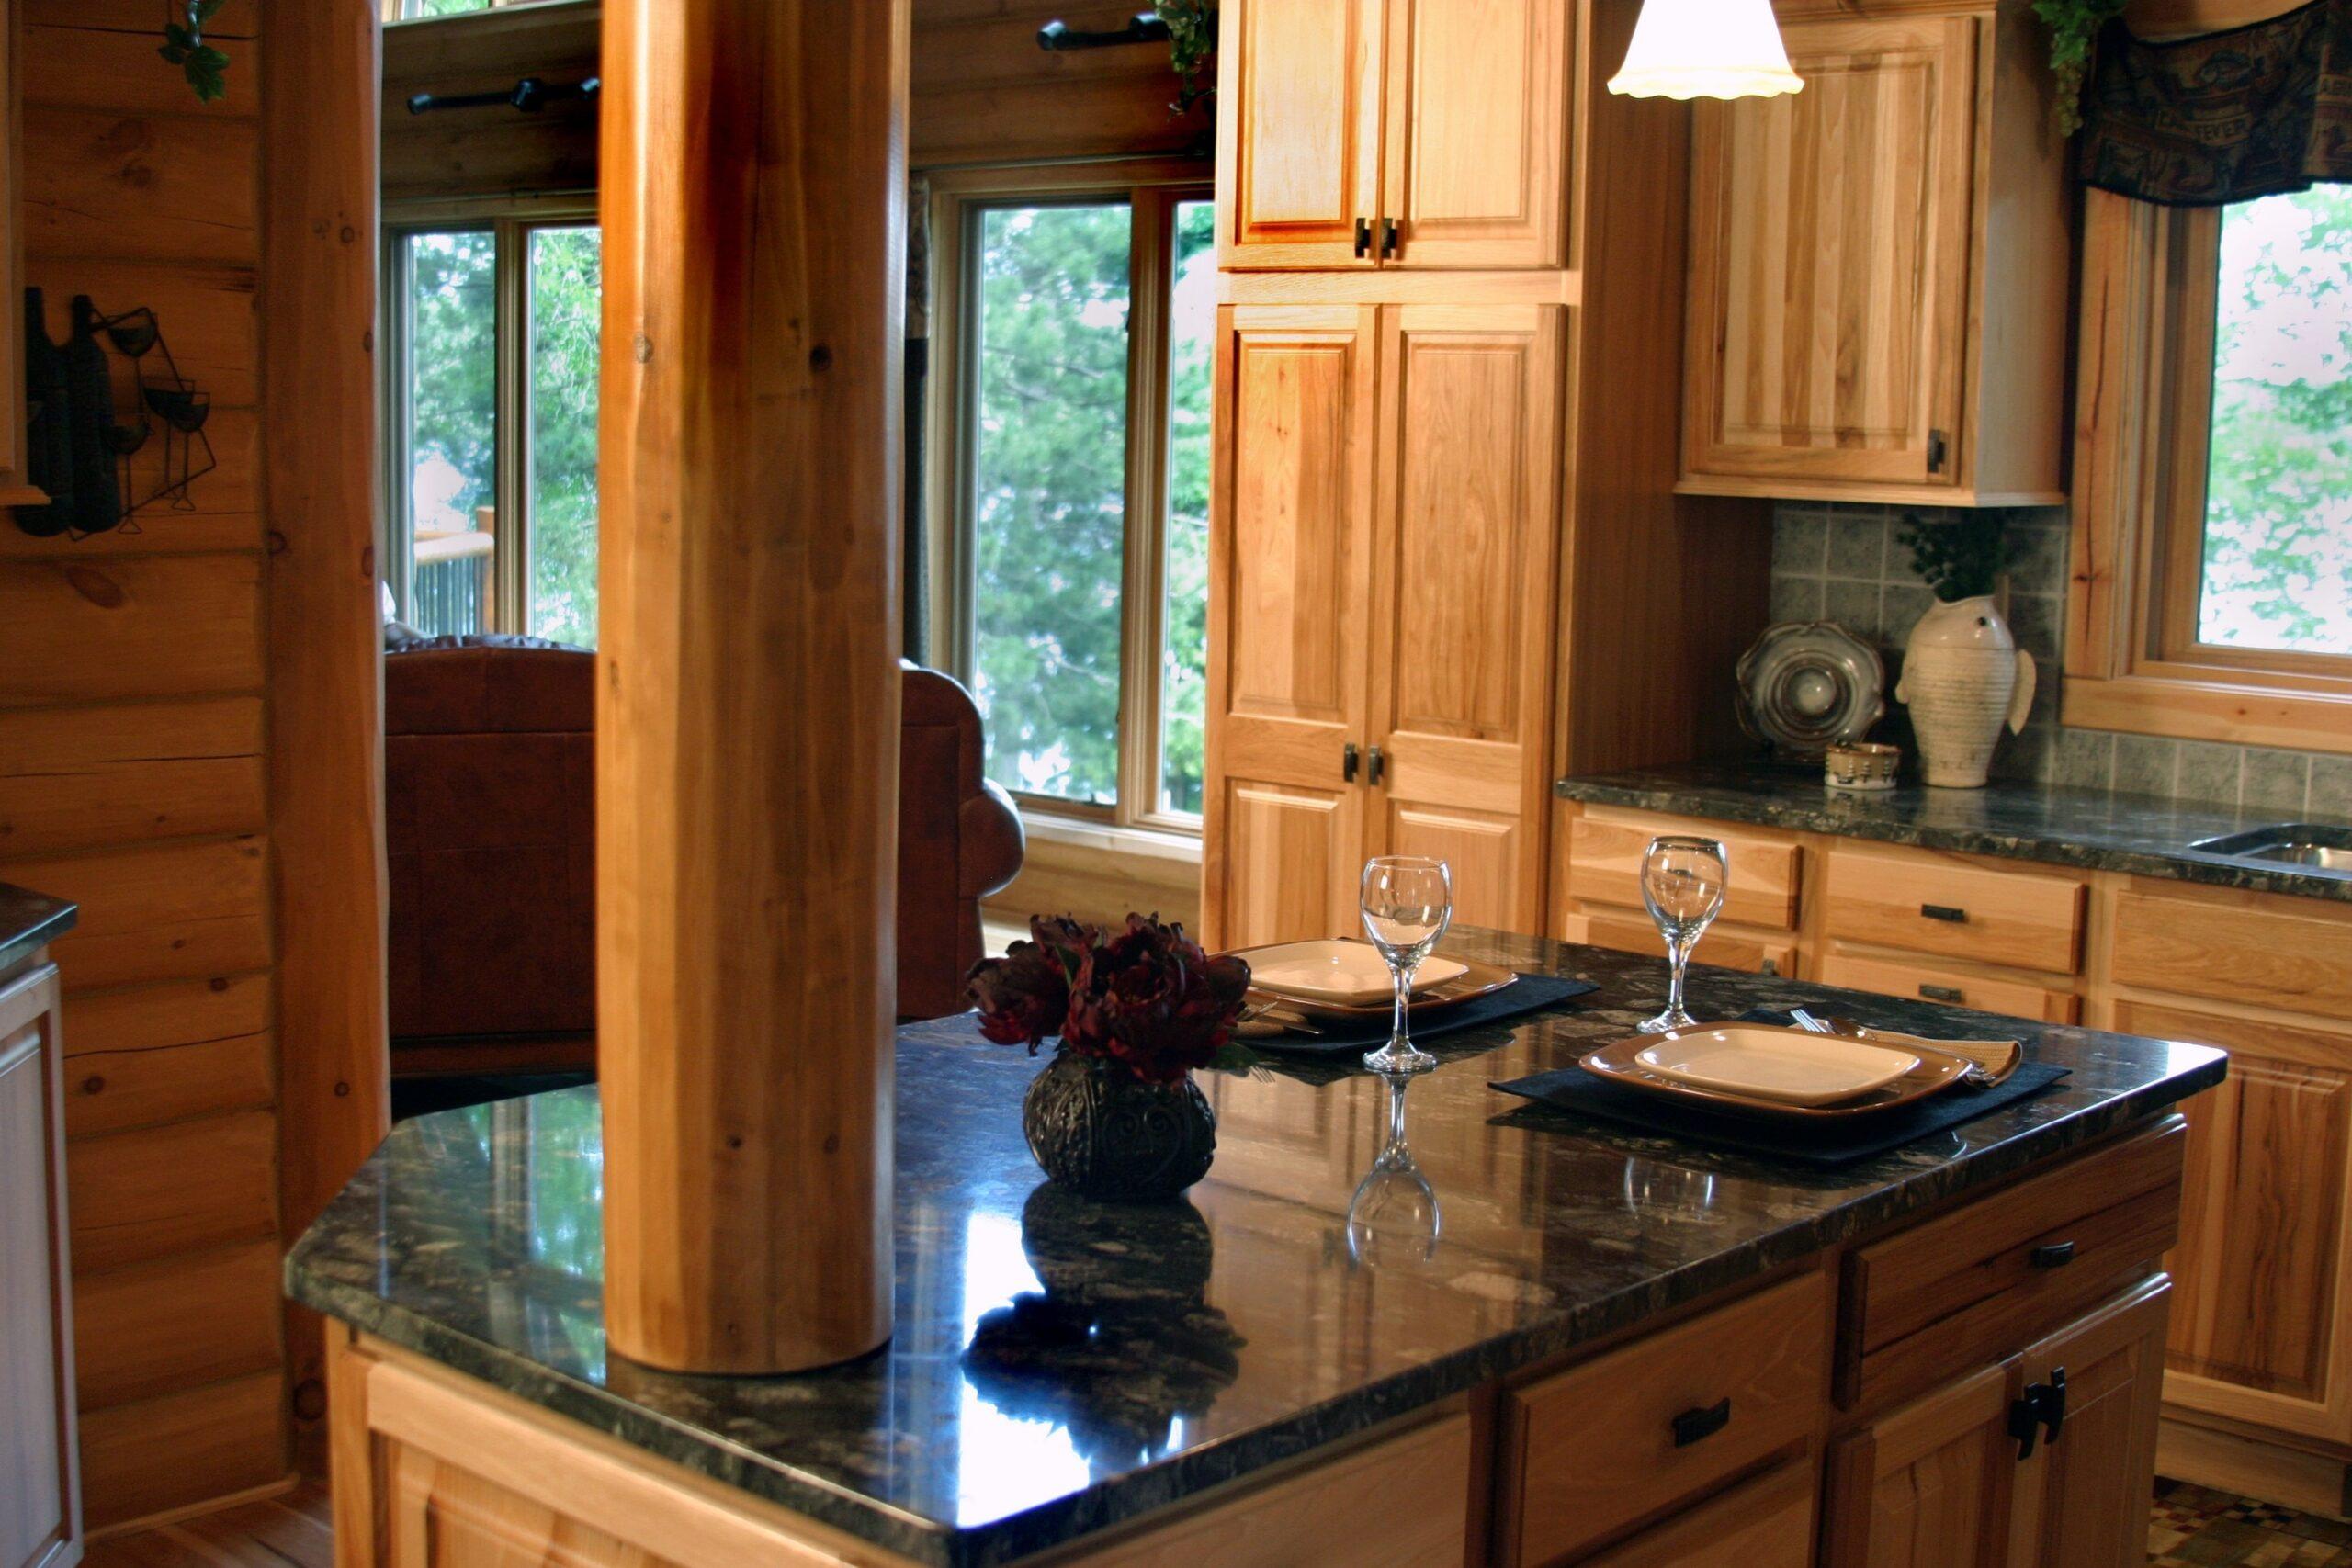 Full Size of Granit Arbeitsplatte Kchenarbeitsplatte Aus 200 Sorten Arbeitsplatten Küche Sideboard Mit Granitplatten Wohnzimmer Granit Arbeitsplatte